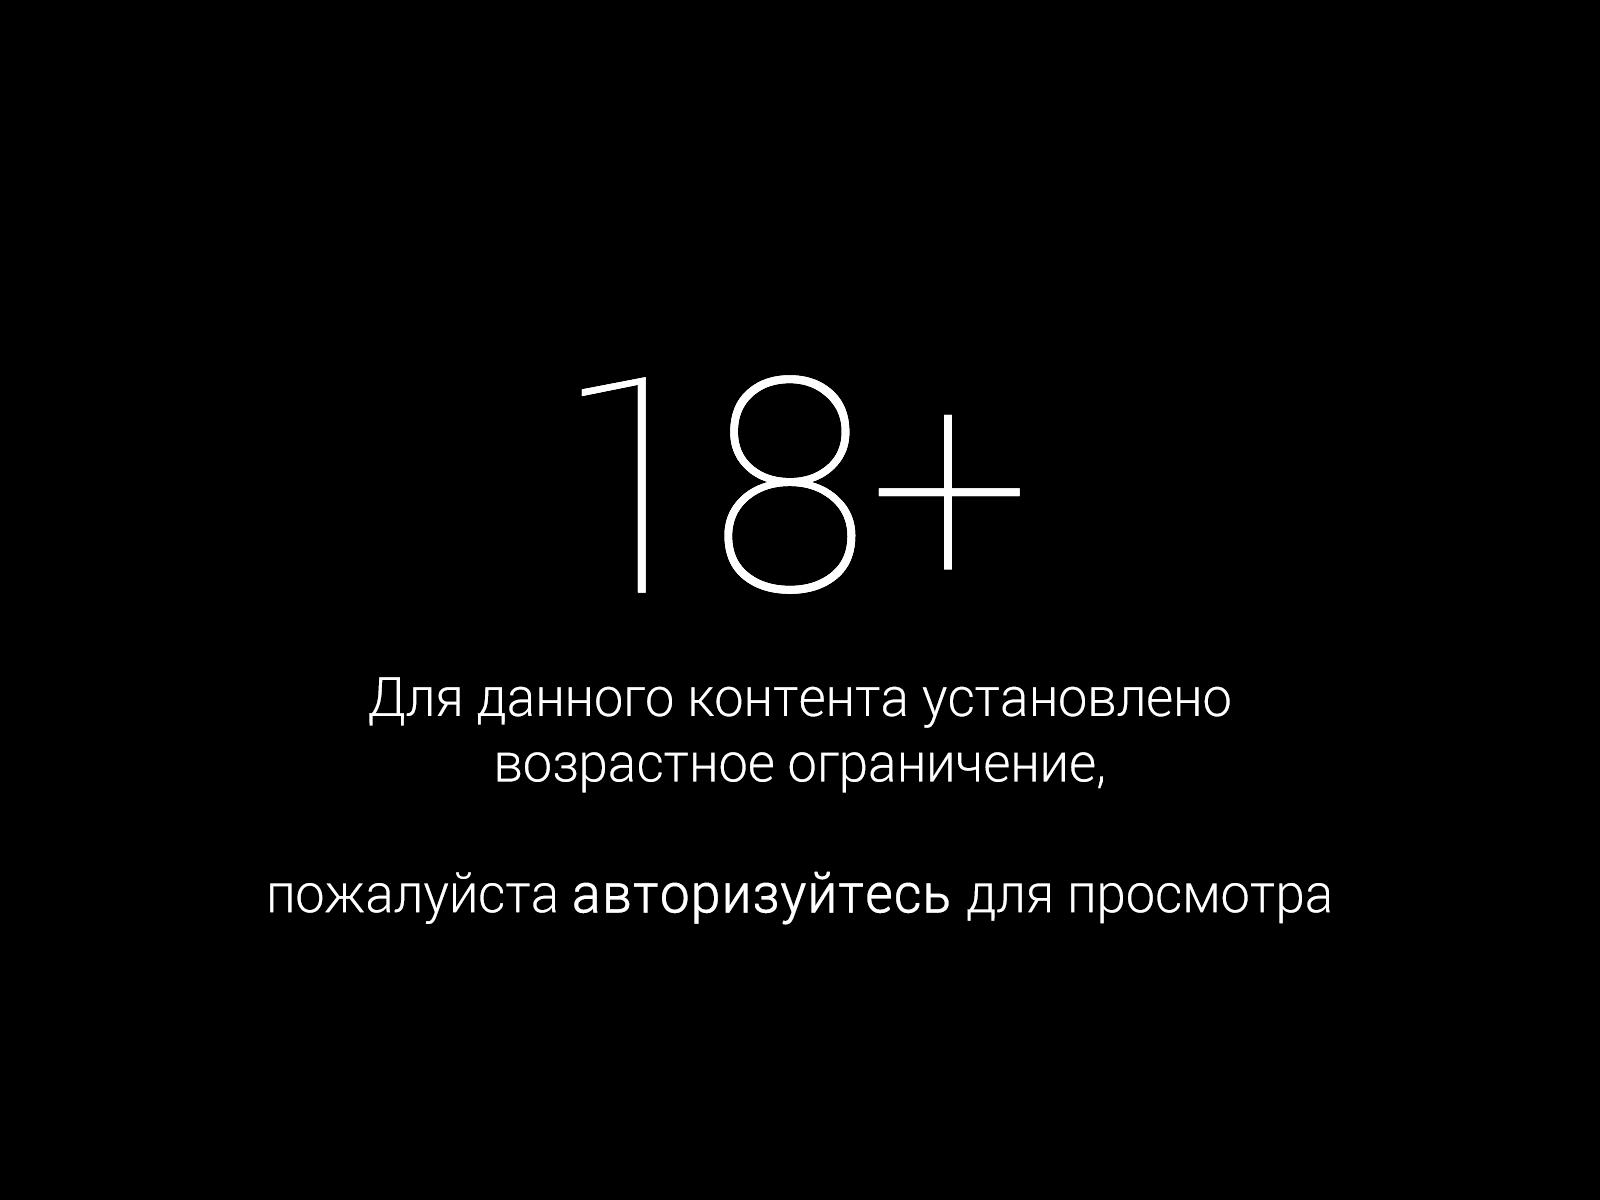 Аватар Чешская фотомодель, актриса, фотограф, певица Вероника Земанова / Veronika Zemanova в короткой полупрозрачной кружевной кофточке